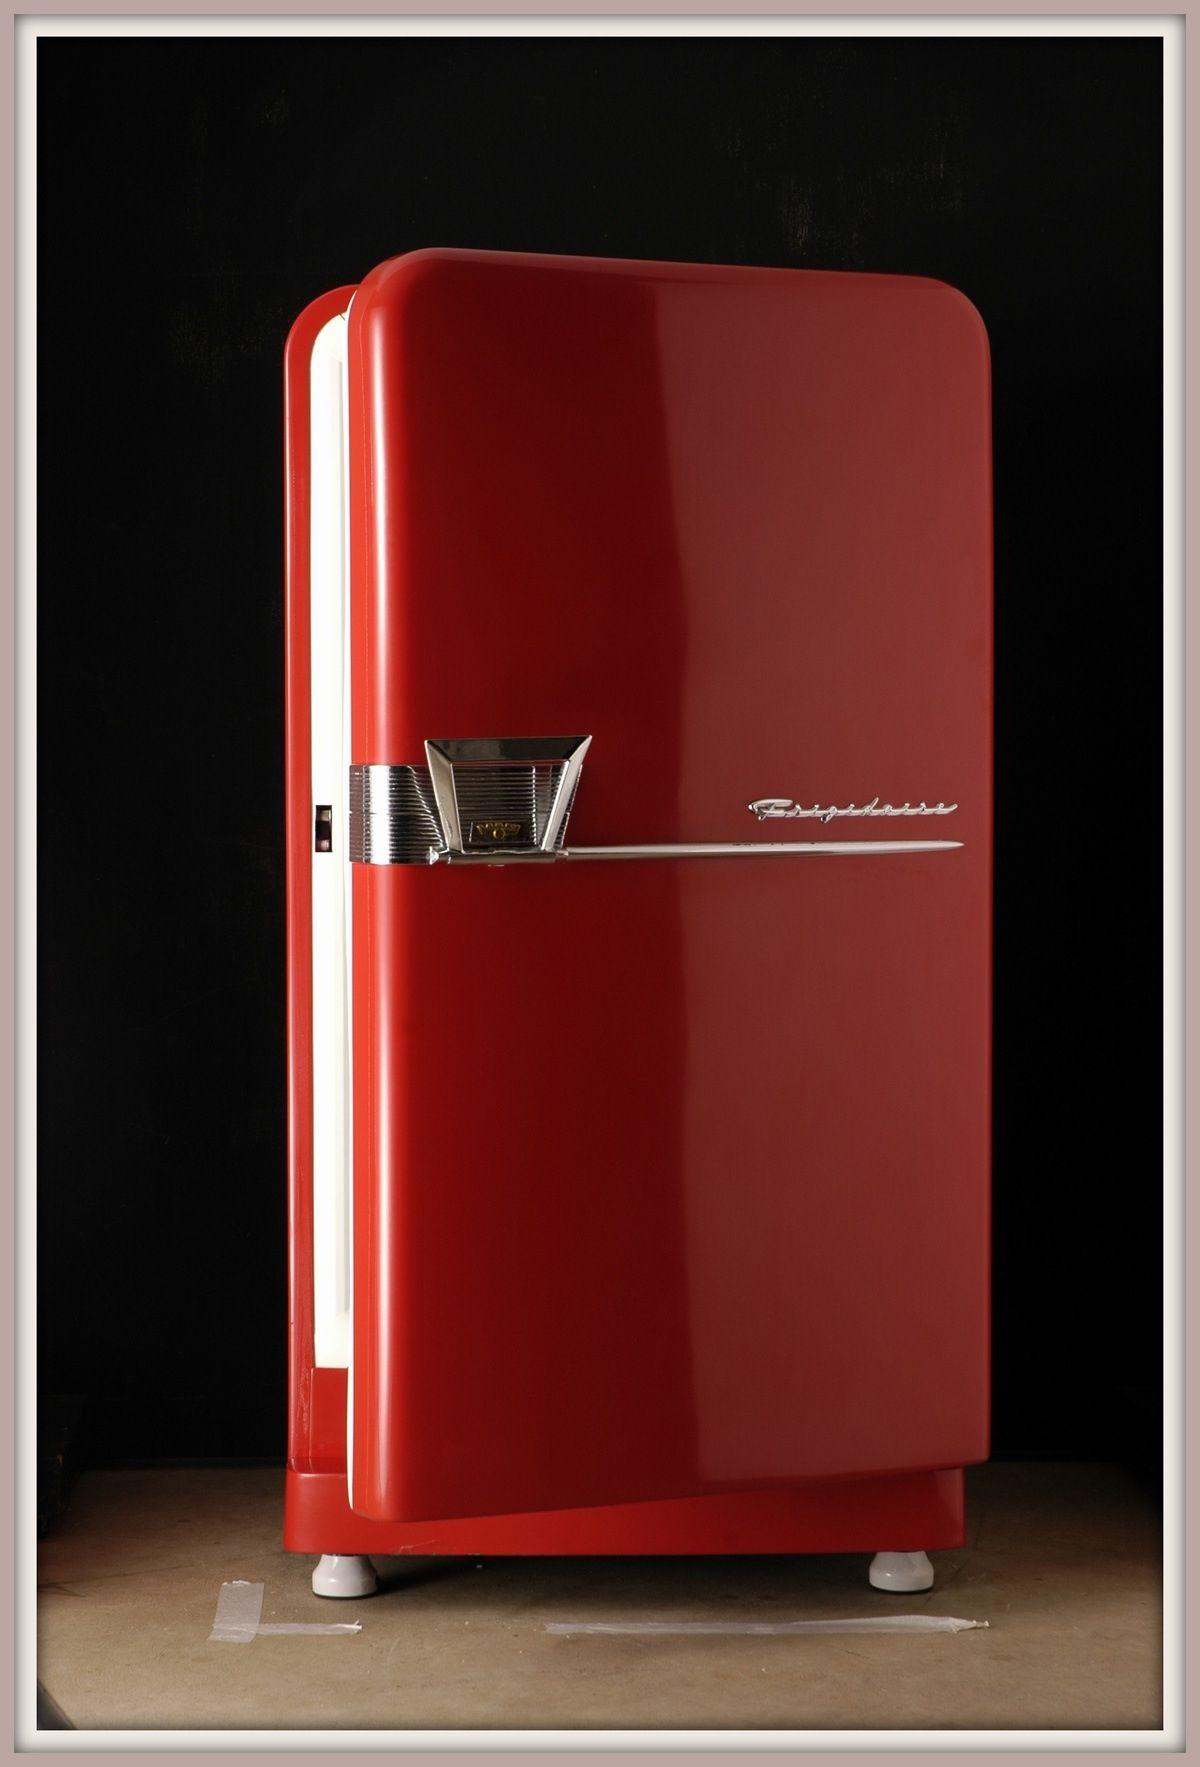 a retro red refrigerator red retro appliances red